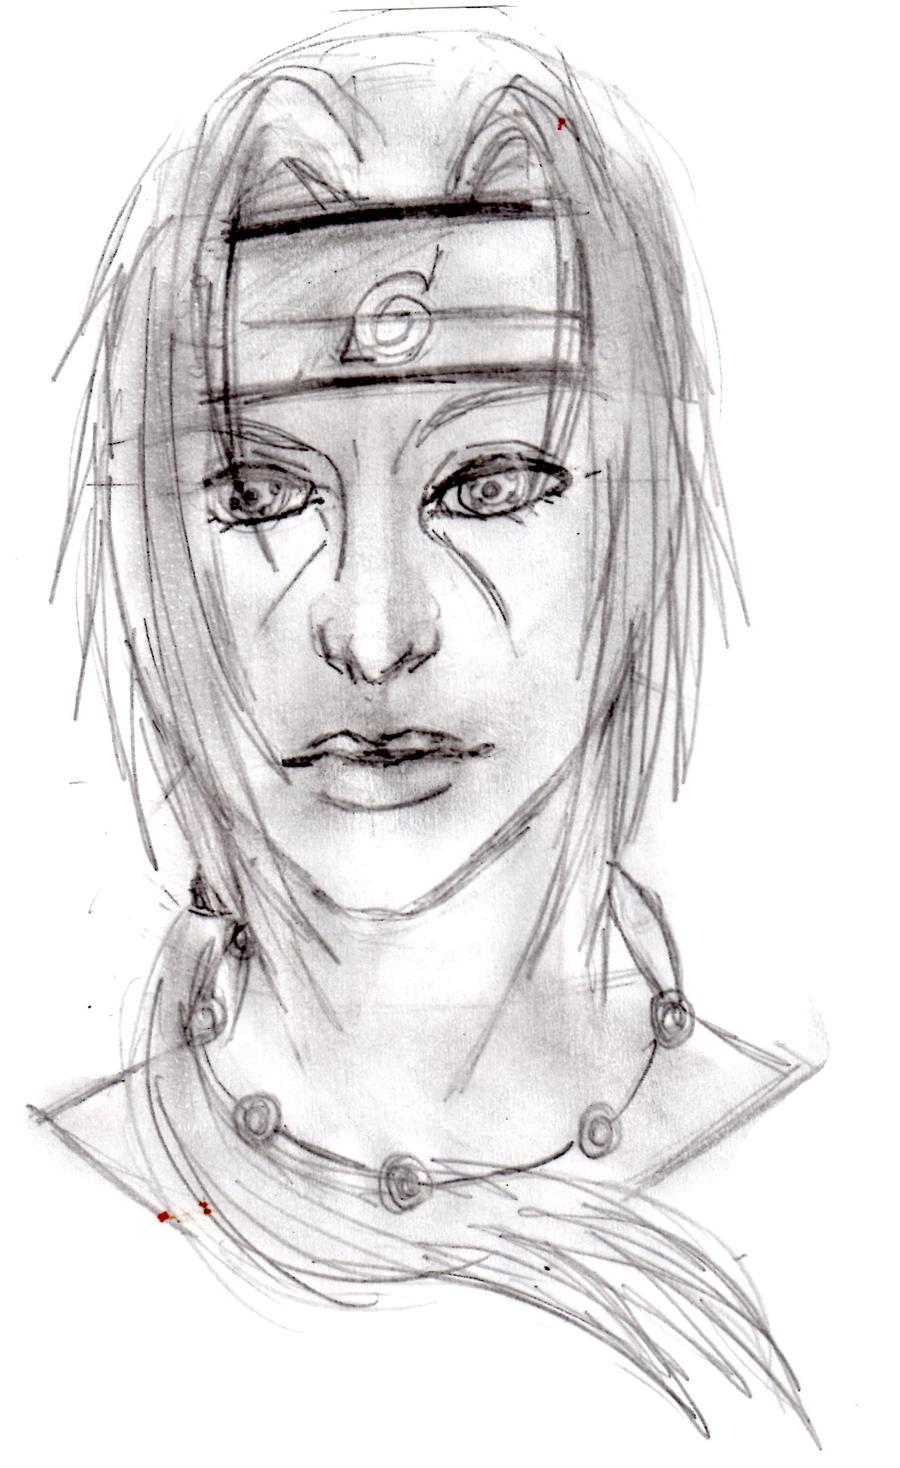 itachi uchiha sketch by shayface itachi uchiha sketch by shayface